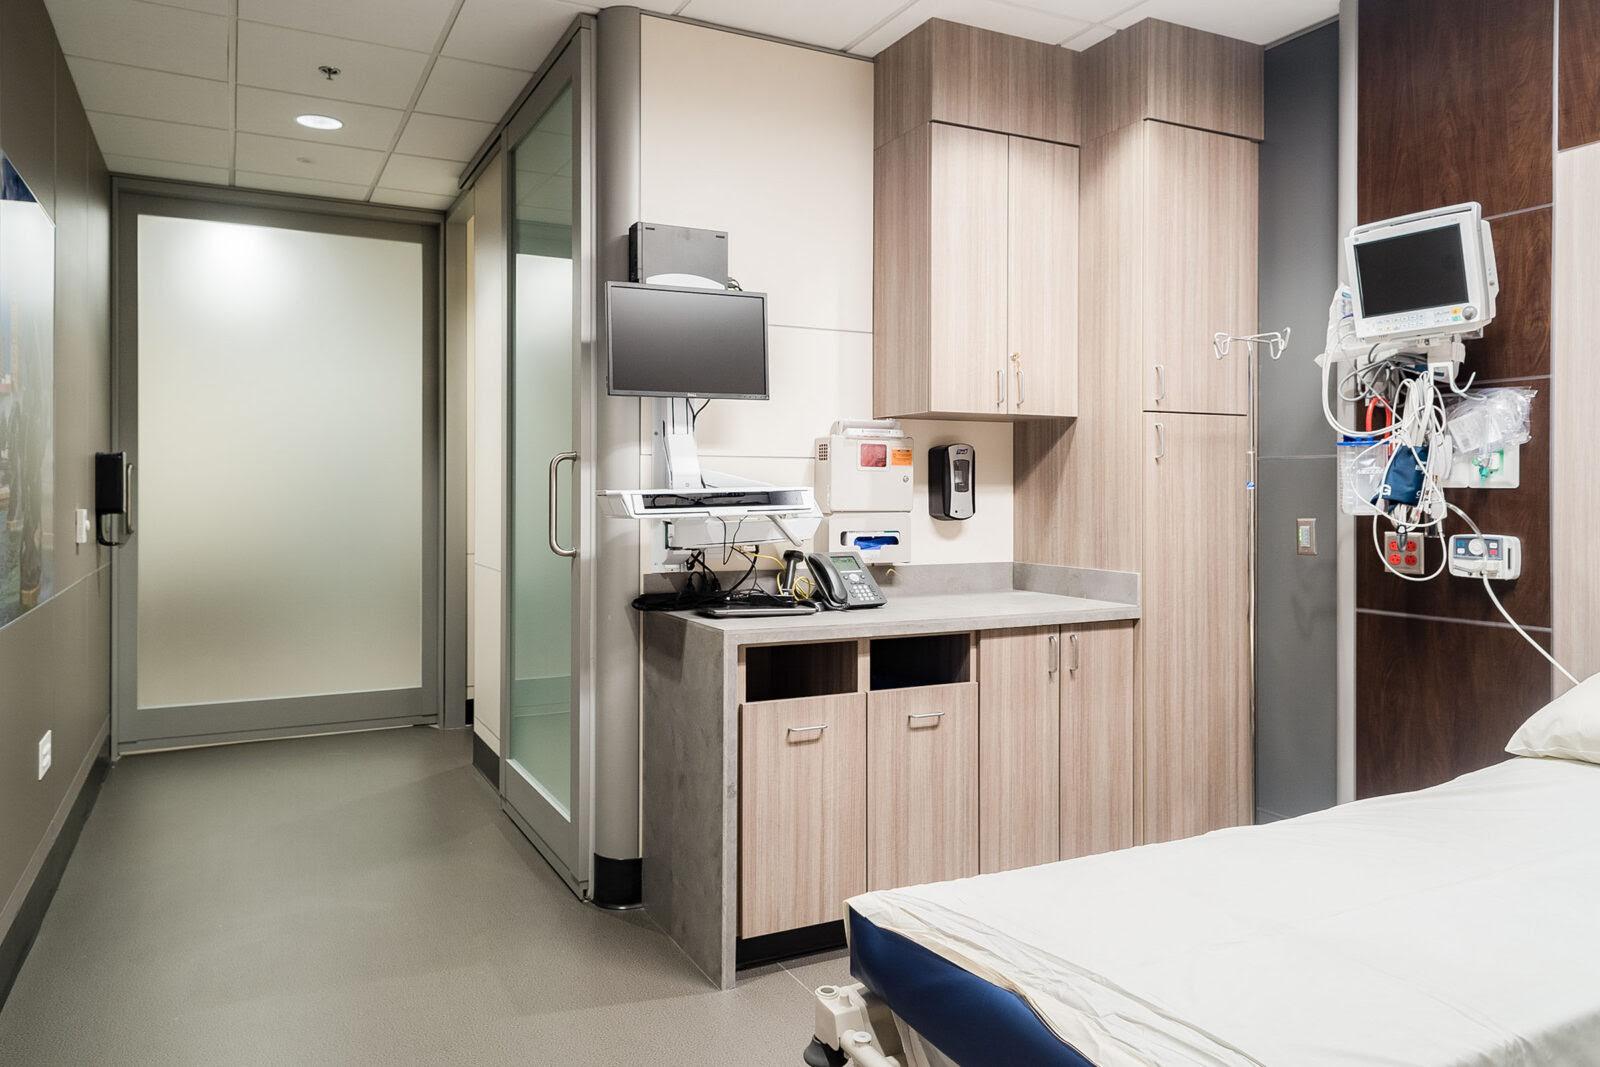 Kansas City Orthopaedic Institute Built Interior Construction